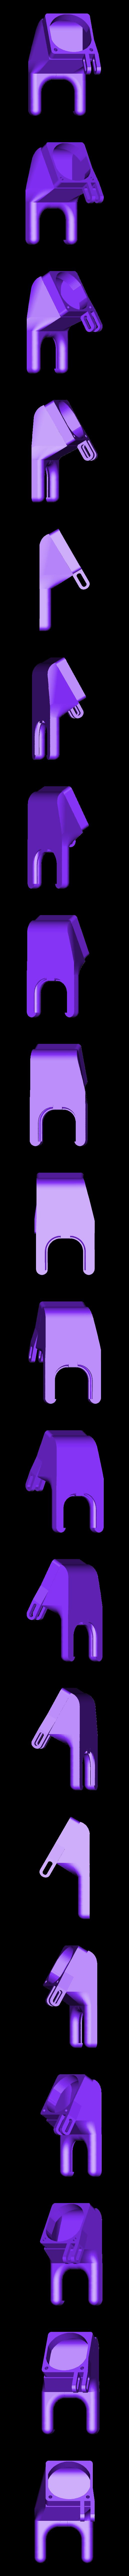 fan6.stl Télécharger fichier STL gratuit Ventilateur 40mm pour Mendel90 • Design pour imprimante 3D, franciscoczapski